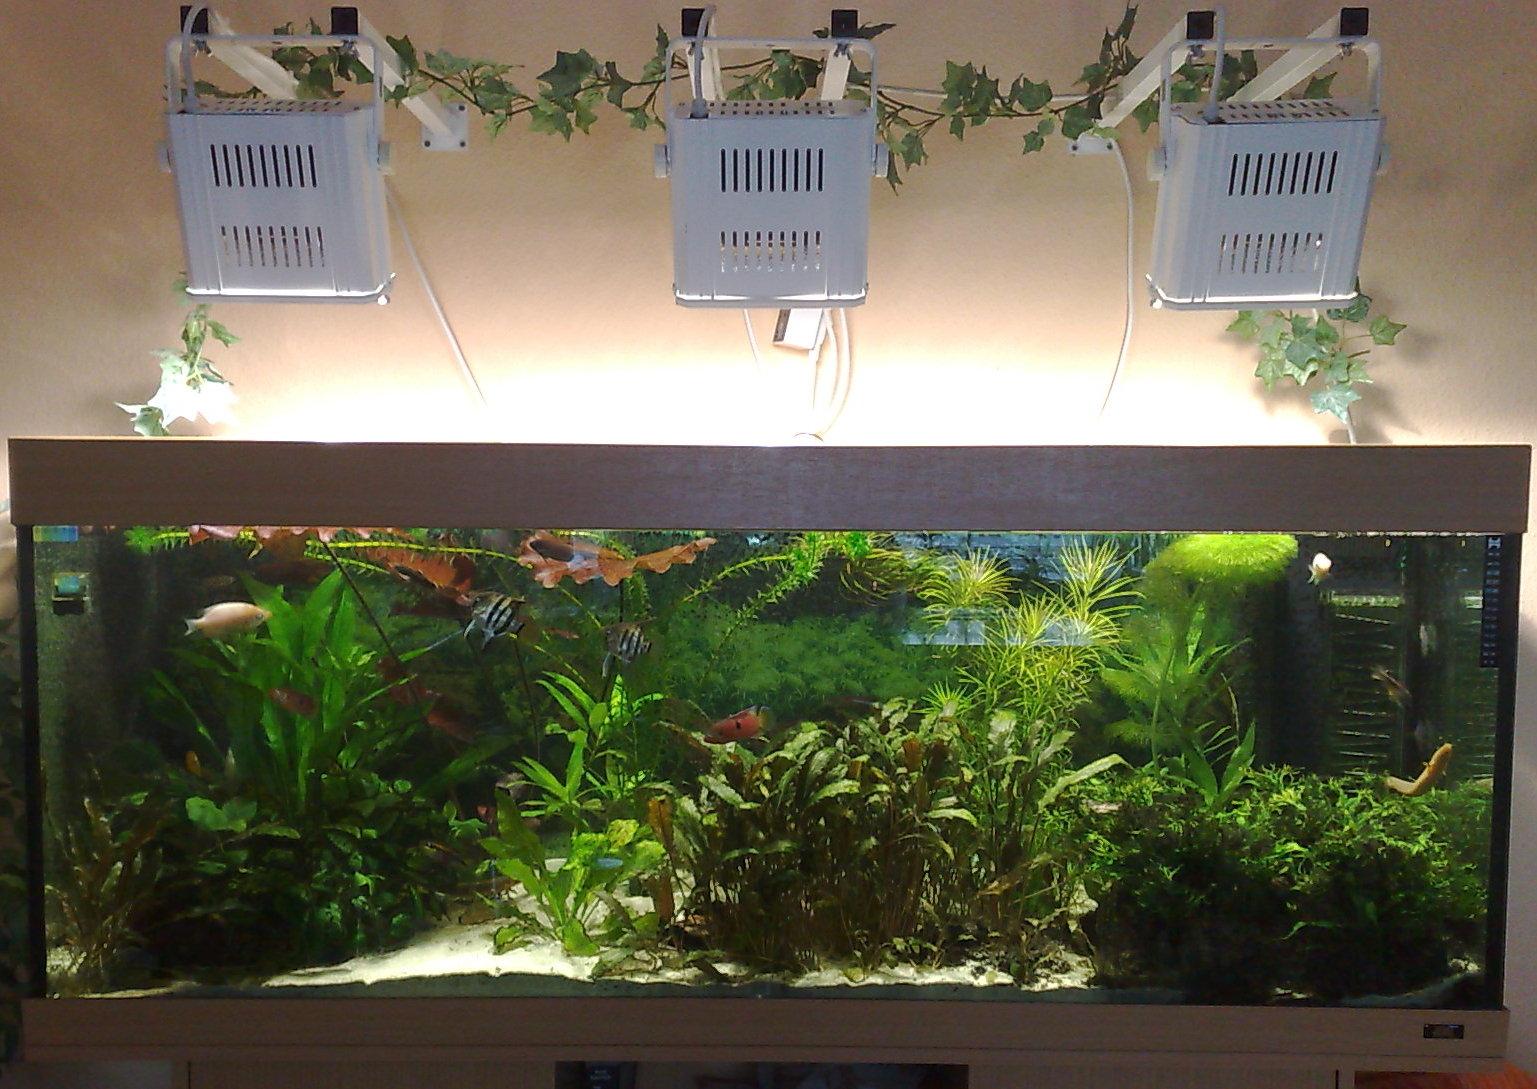 D finition hqi vetofish for Aquarium ouvert